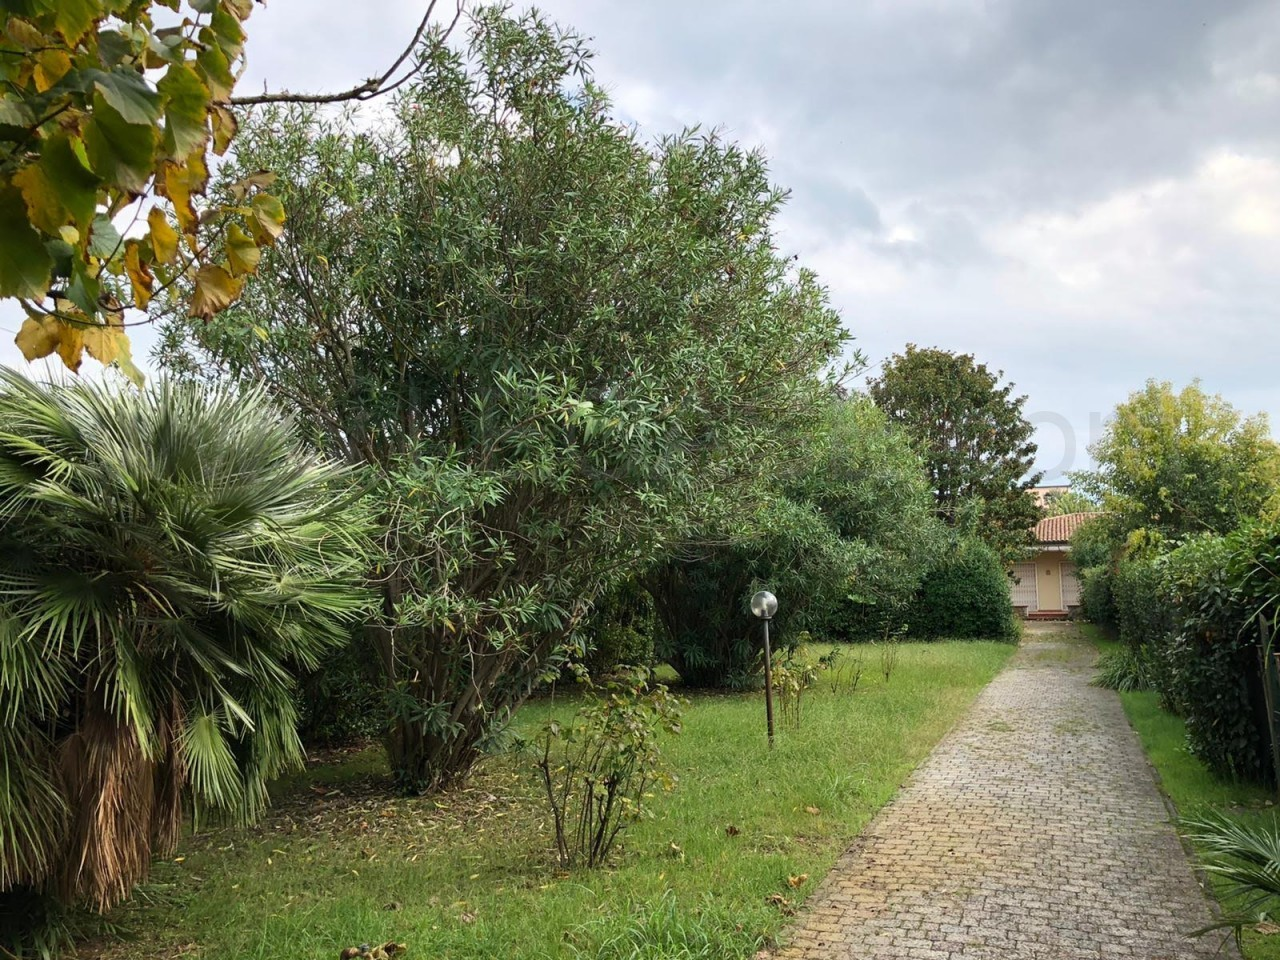 Villa singola con lotto adatto a piscina vicino al mare a Forte dei Marmi